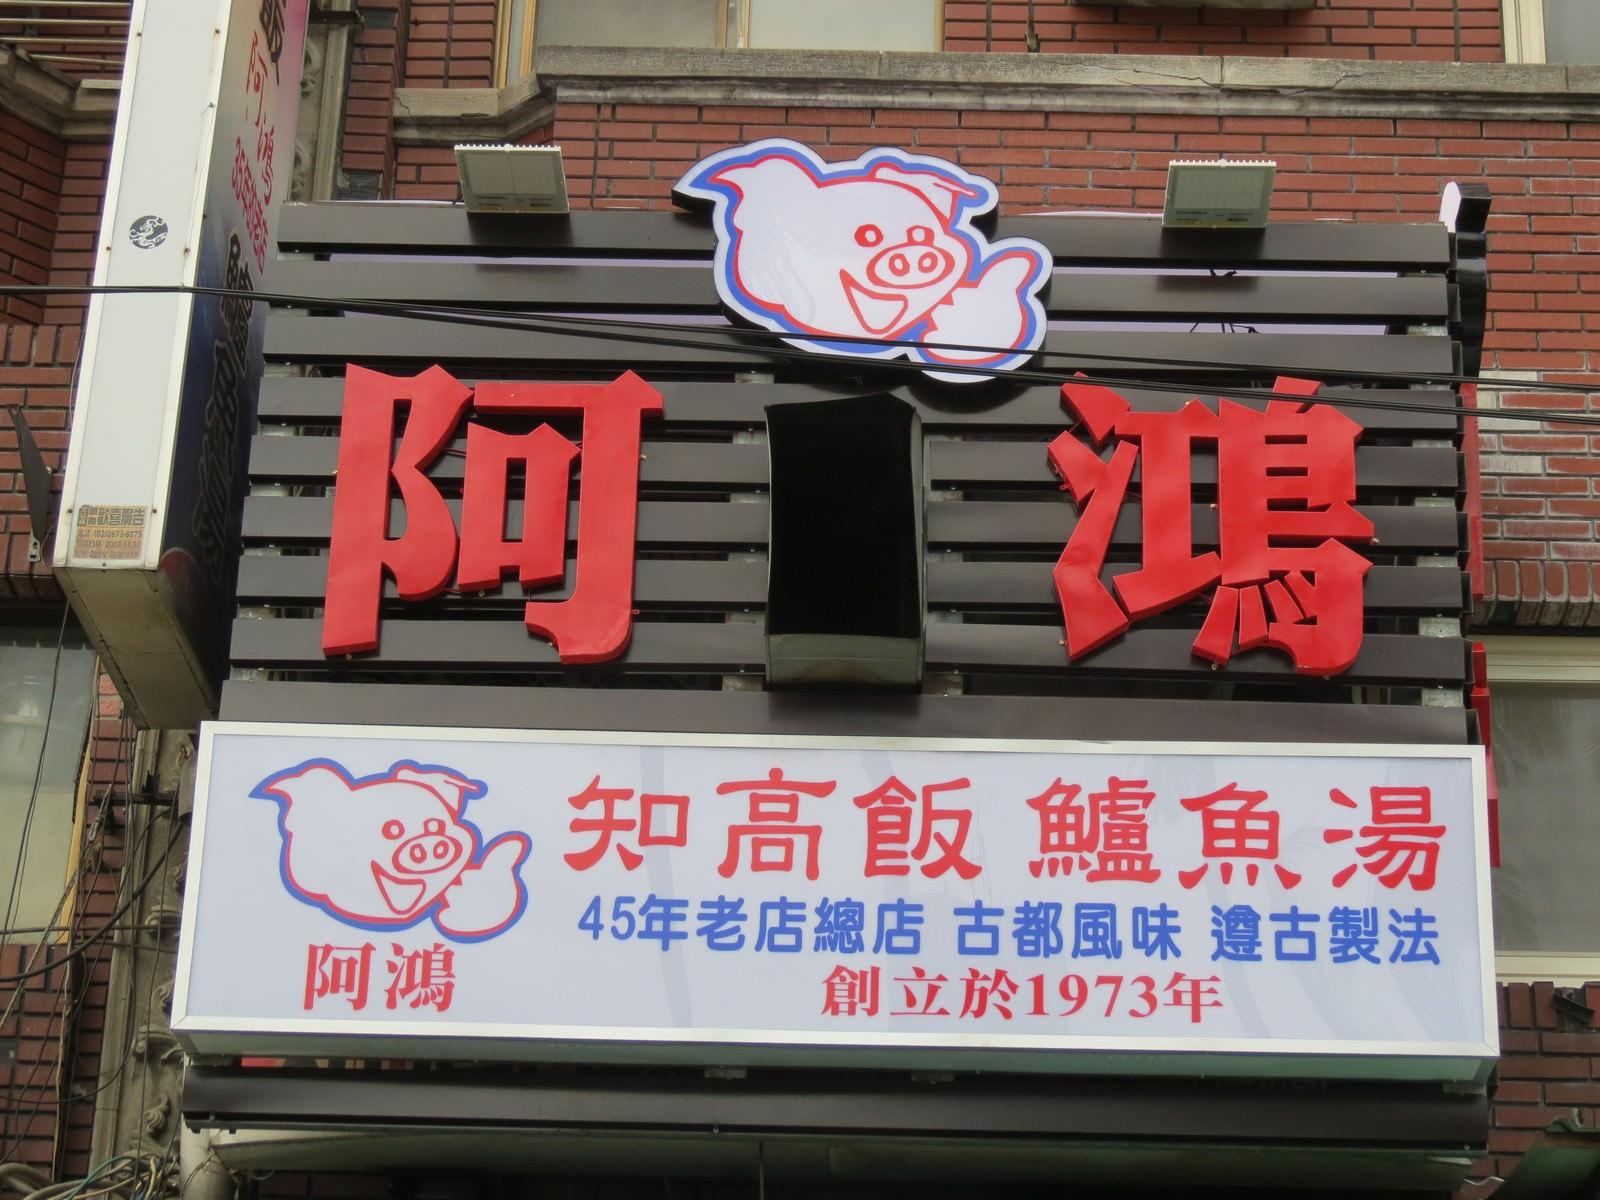 阿鴻知高飯‧鱸魚湯@廣州街夜市, 店面